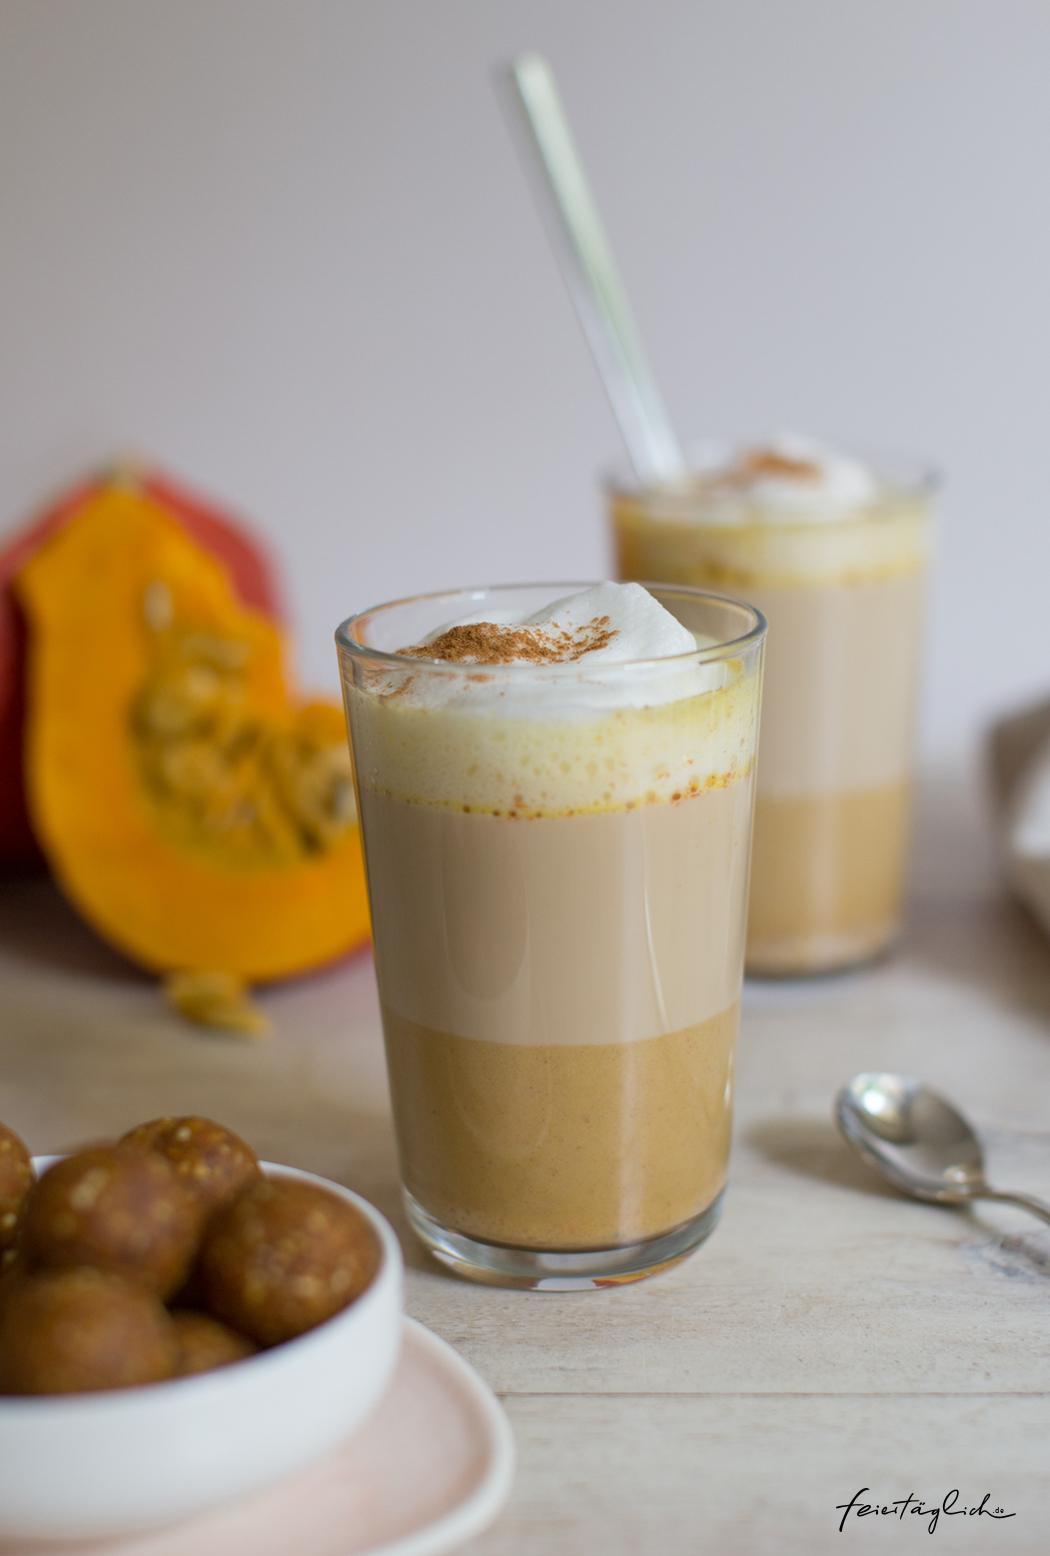 PumpkinSpice-Liebe hoch 3: Rezepte für Pumpkin Spice Latte, gesunde Pumpkin Pie Balls und fantastischen KürbisKastenkuchen (Grundrezept für spiced Kürbispüree und Ideen was man daraus alles so machen kann)